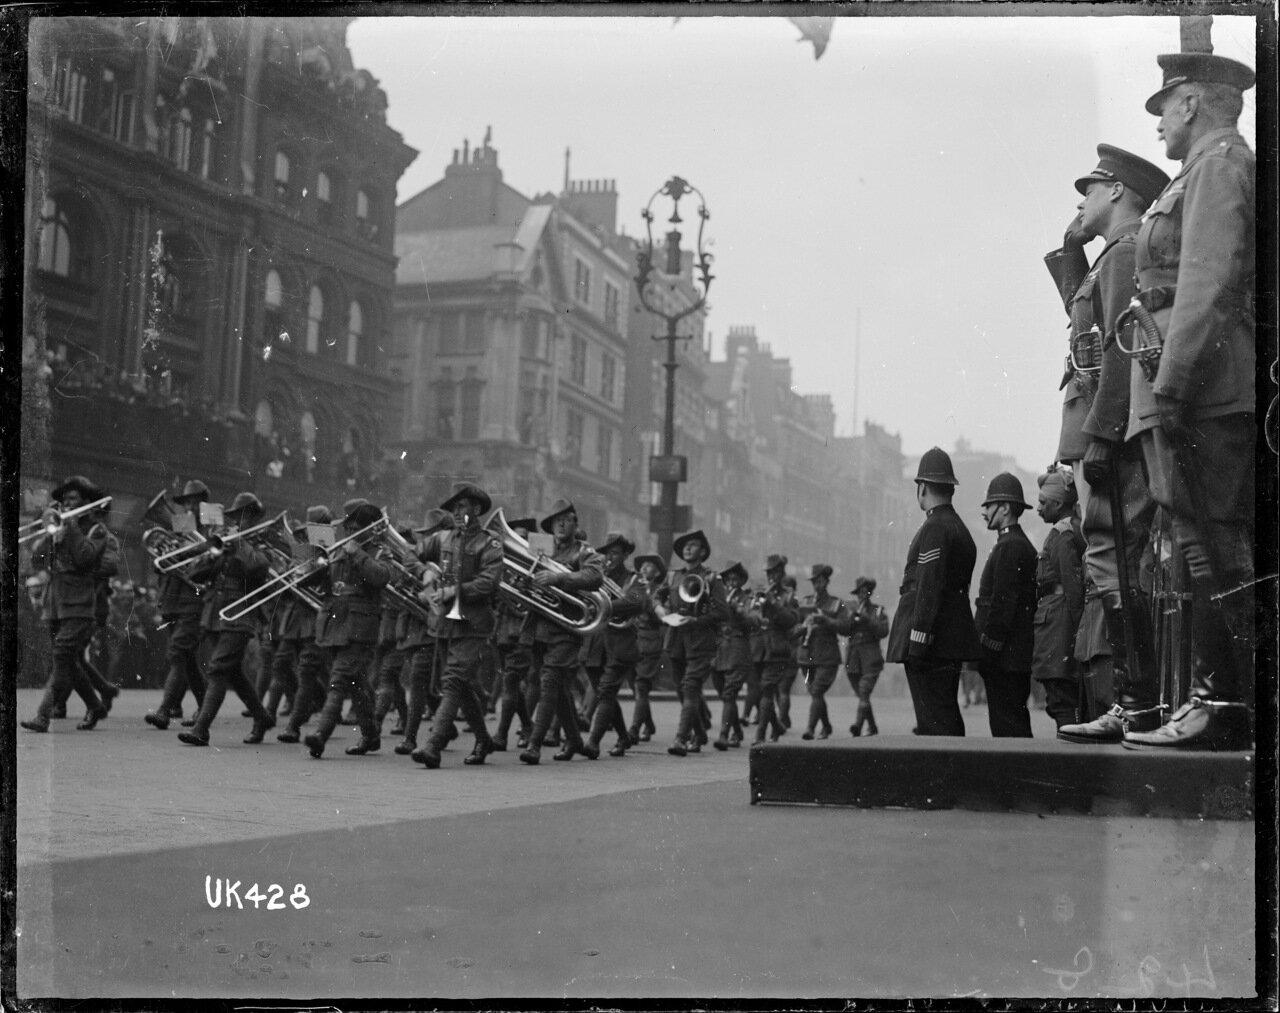 Австралийская группа имперских войск на параде в Лондоне